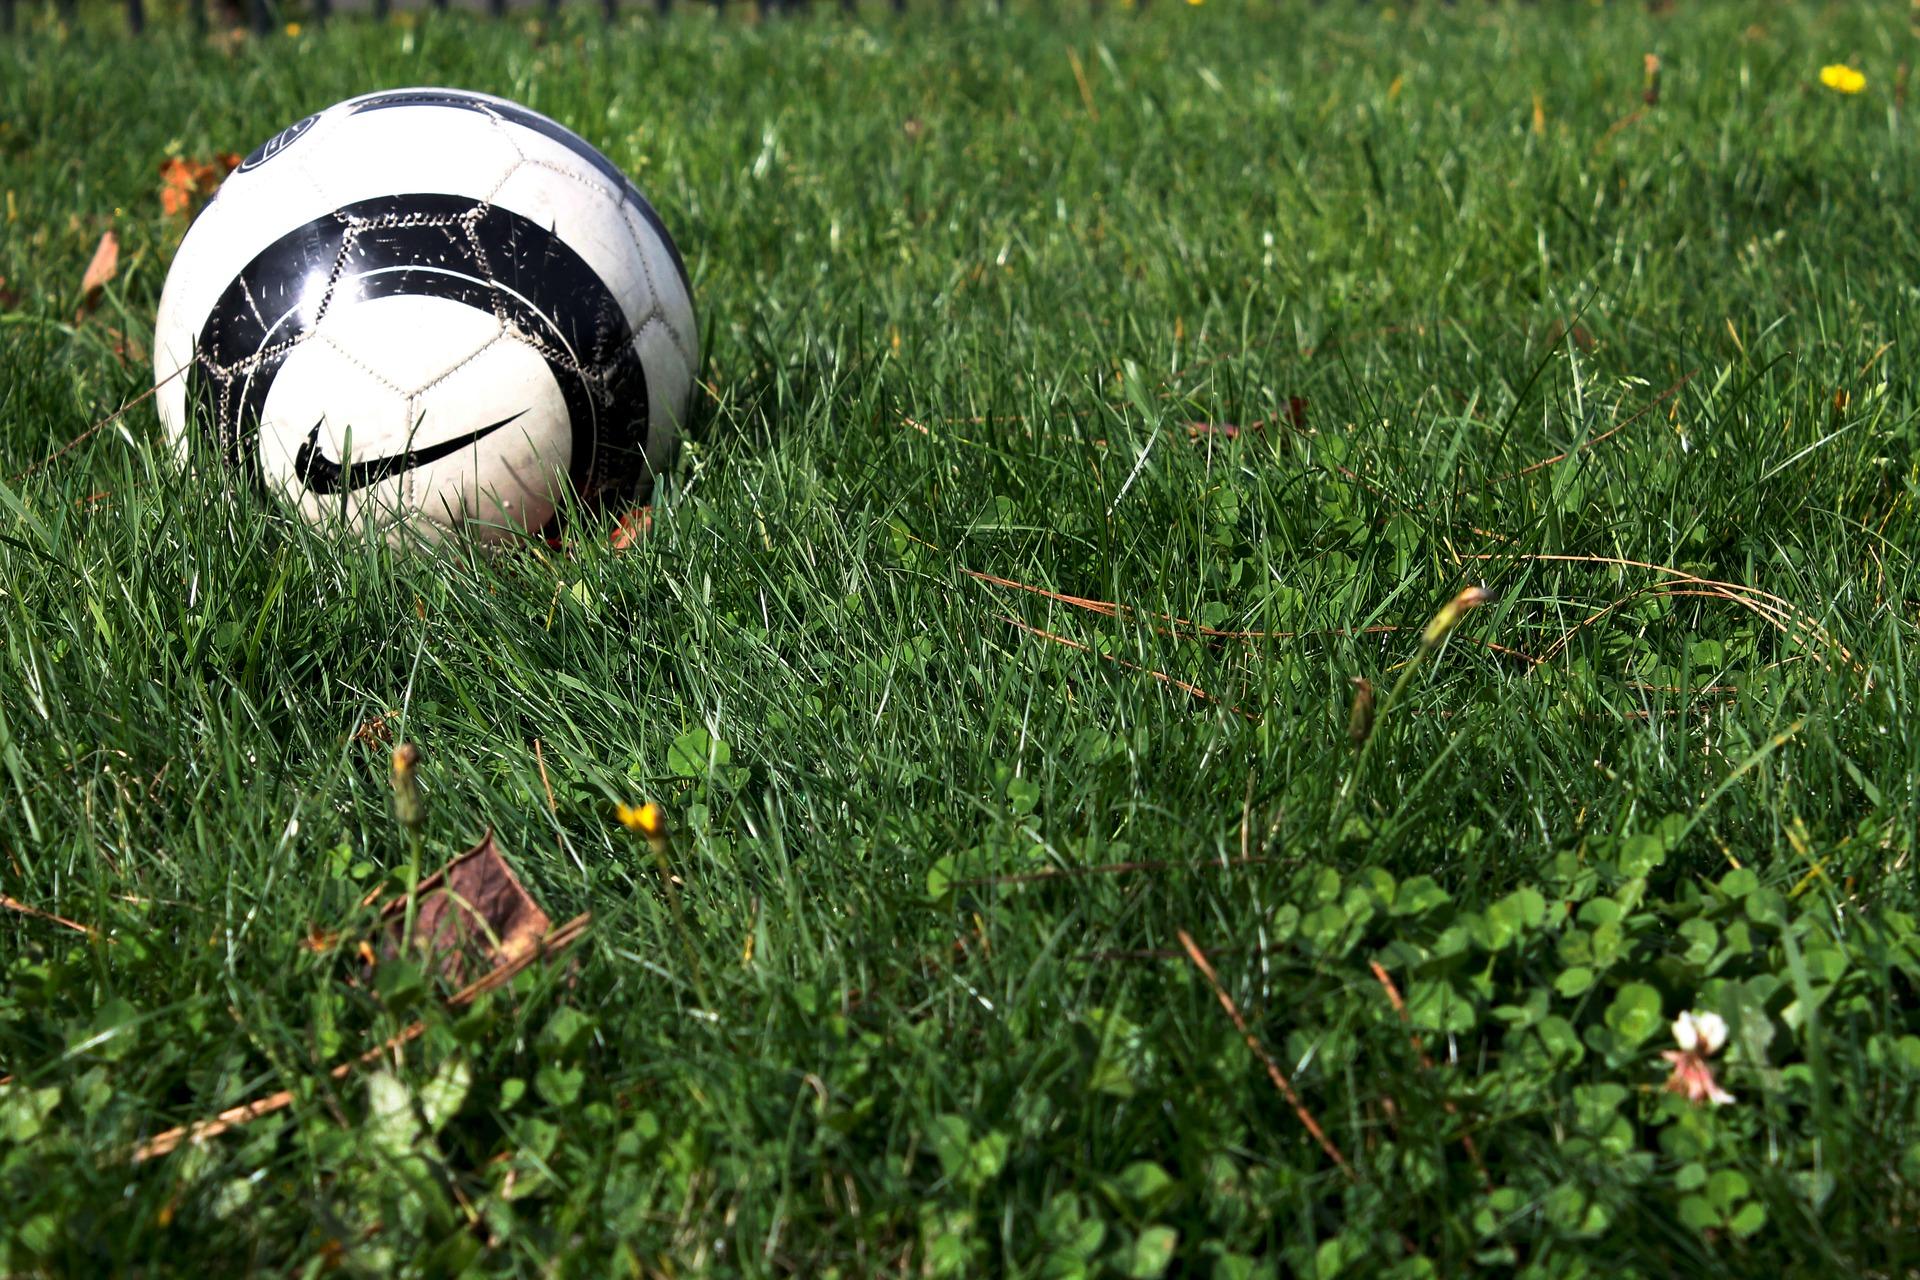 Roast Football Club